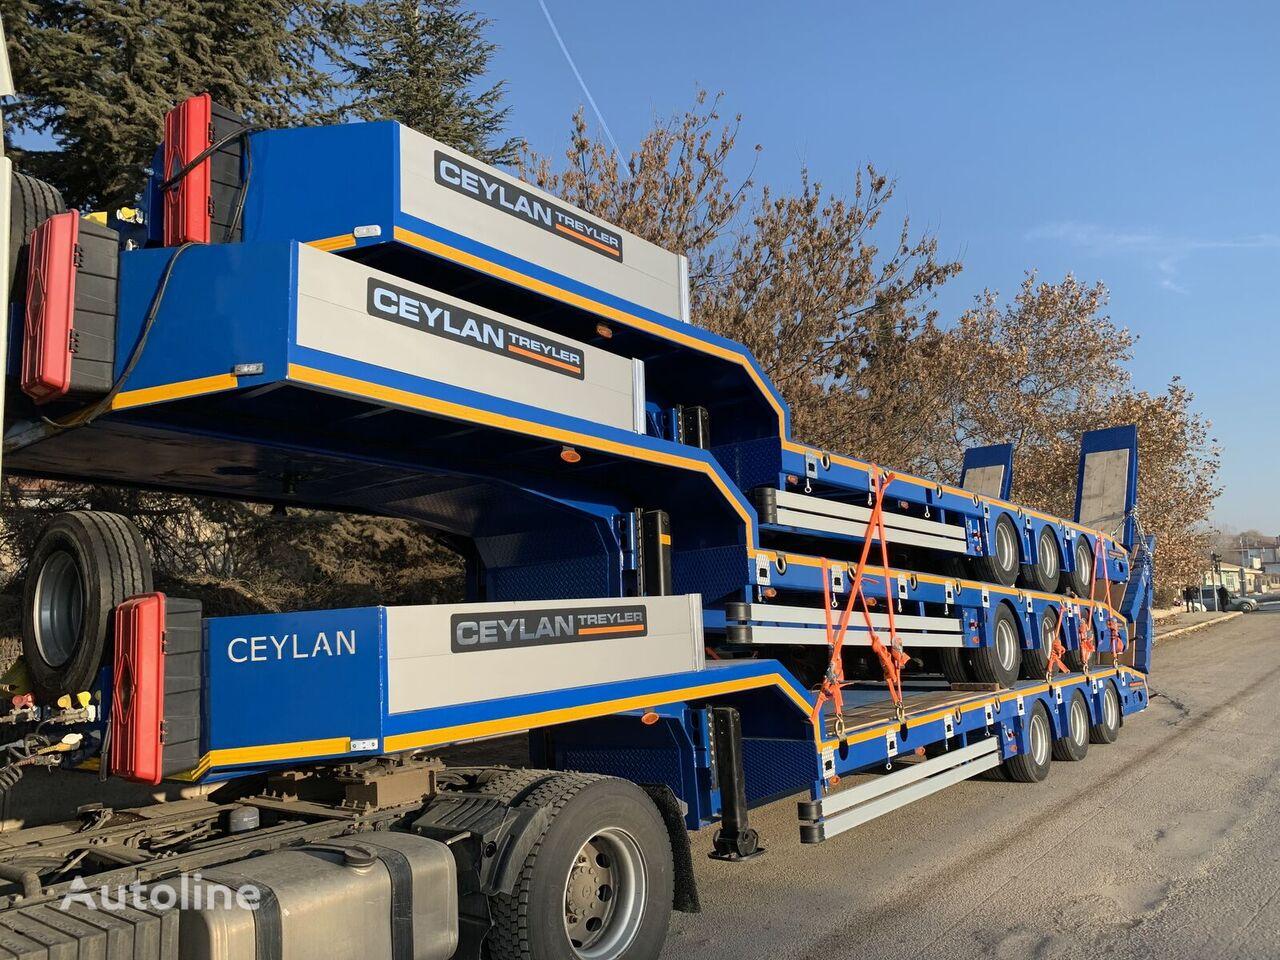 új CEYLAN 3 AXLES 2019 alacsony alvázkeretű félpótkocsi